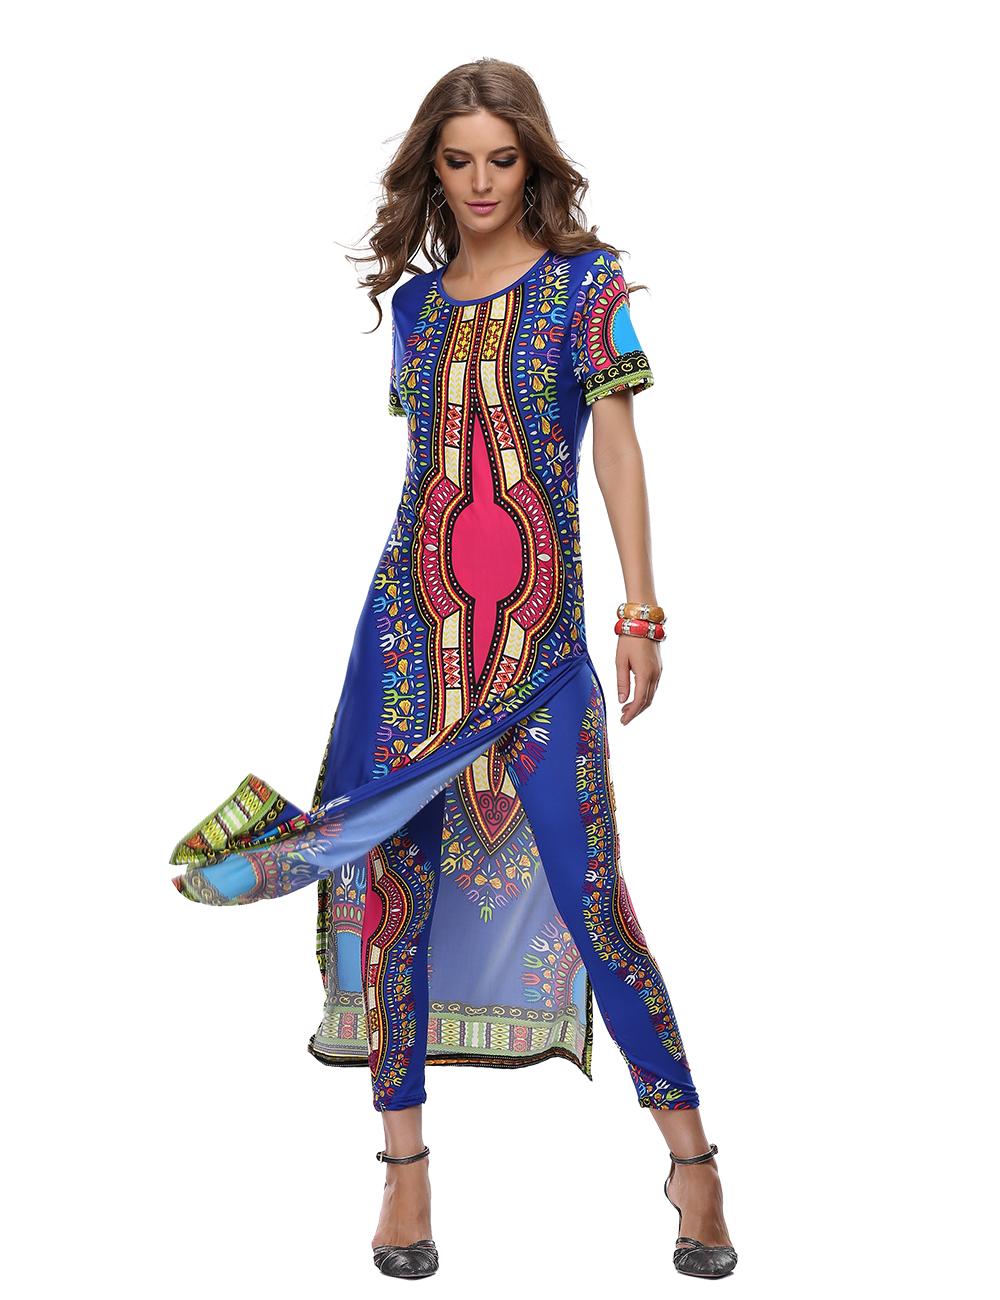 [해외]아프리카 대시키 드레스 대시 키 드레스 여름 맥시 롱 투피스 셔츠 드레스 섹시한 로브 길이 femme ete vestidos 2017/African Dashiki Dresses For Women Dashiki Dress Summer Maxi Long Two Pi